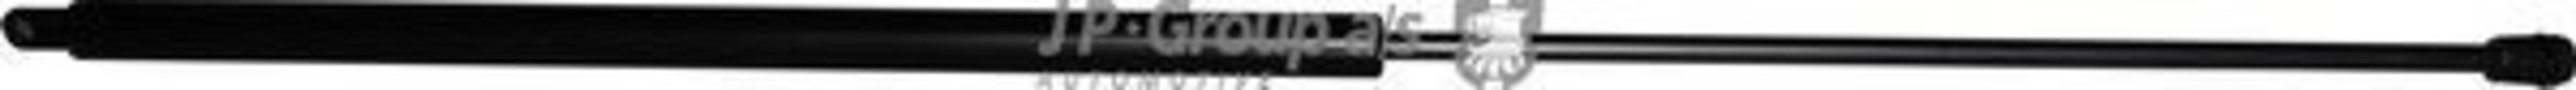 Амортизатор капота JP GROUP 1181202200